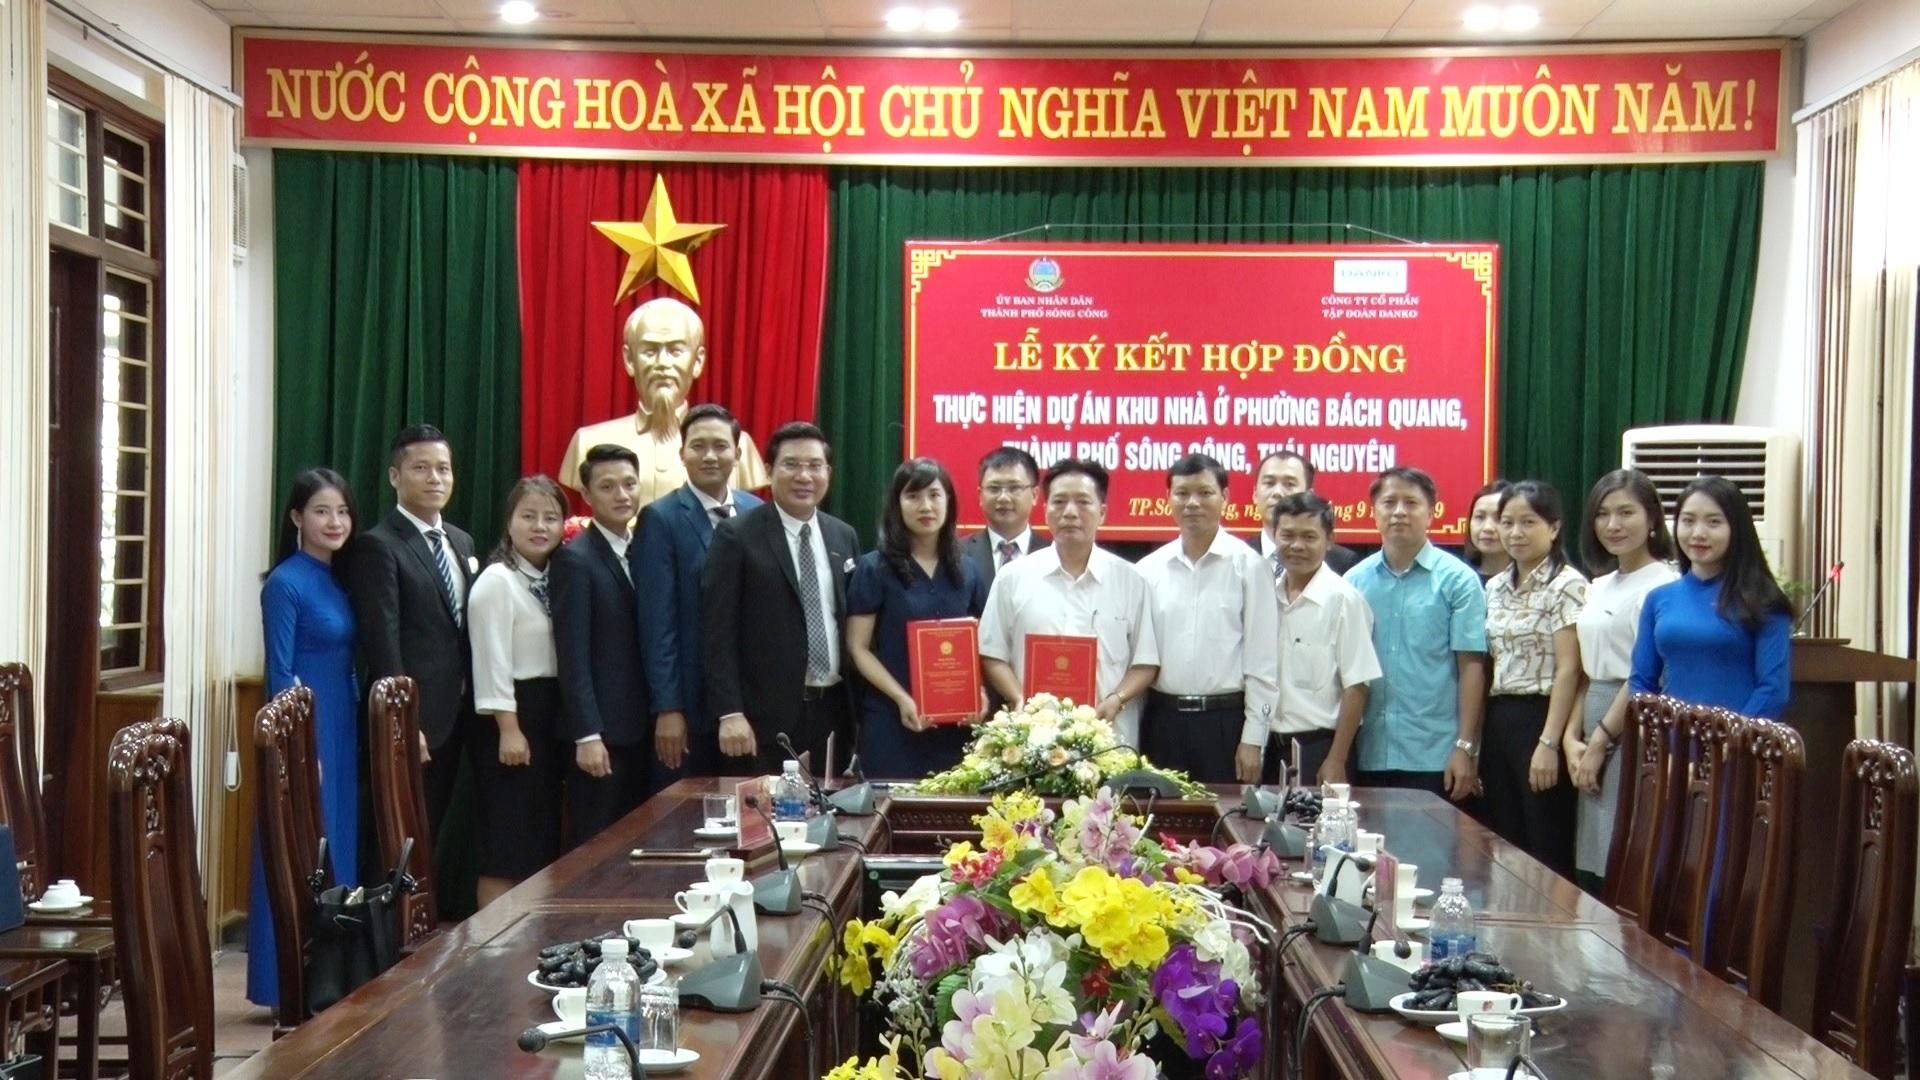 Thái Nguyên: Đầu tư hơn 340 tỷ đồng xây dựng khu nhà ở phường Bách Quang - Ảnh 1.